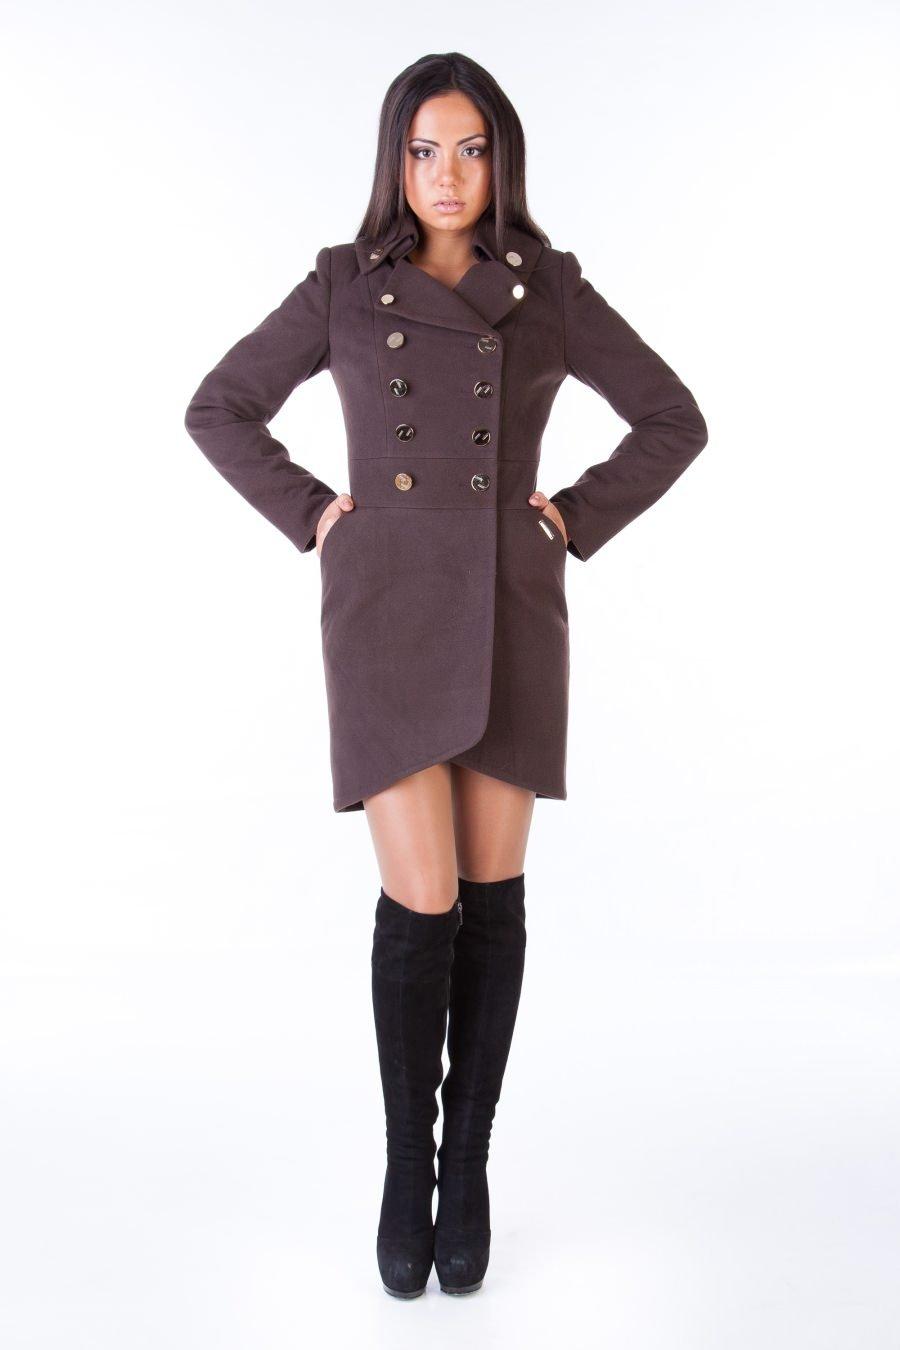 Купить оптом женское пальто недорого Пальто Кураж 90 Англ.воротник турция элит